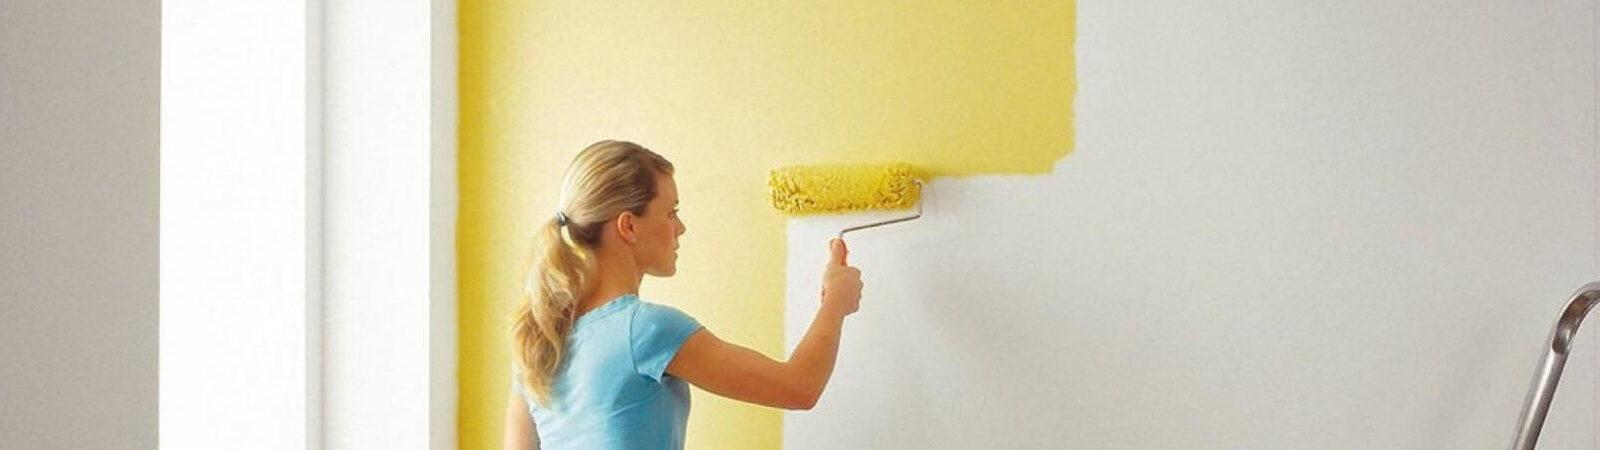 Як пофарбувати стіну в квартирі